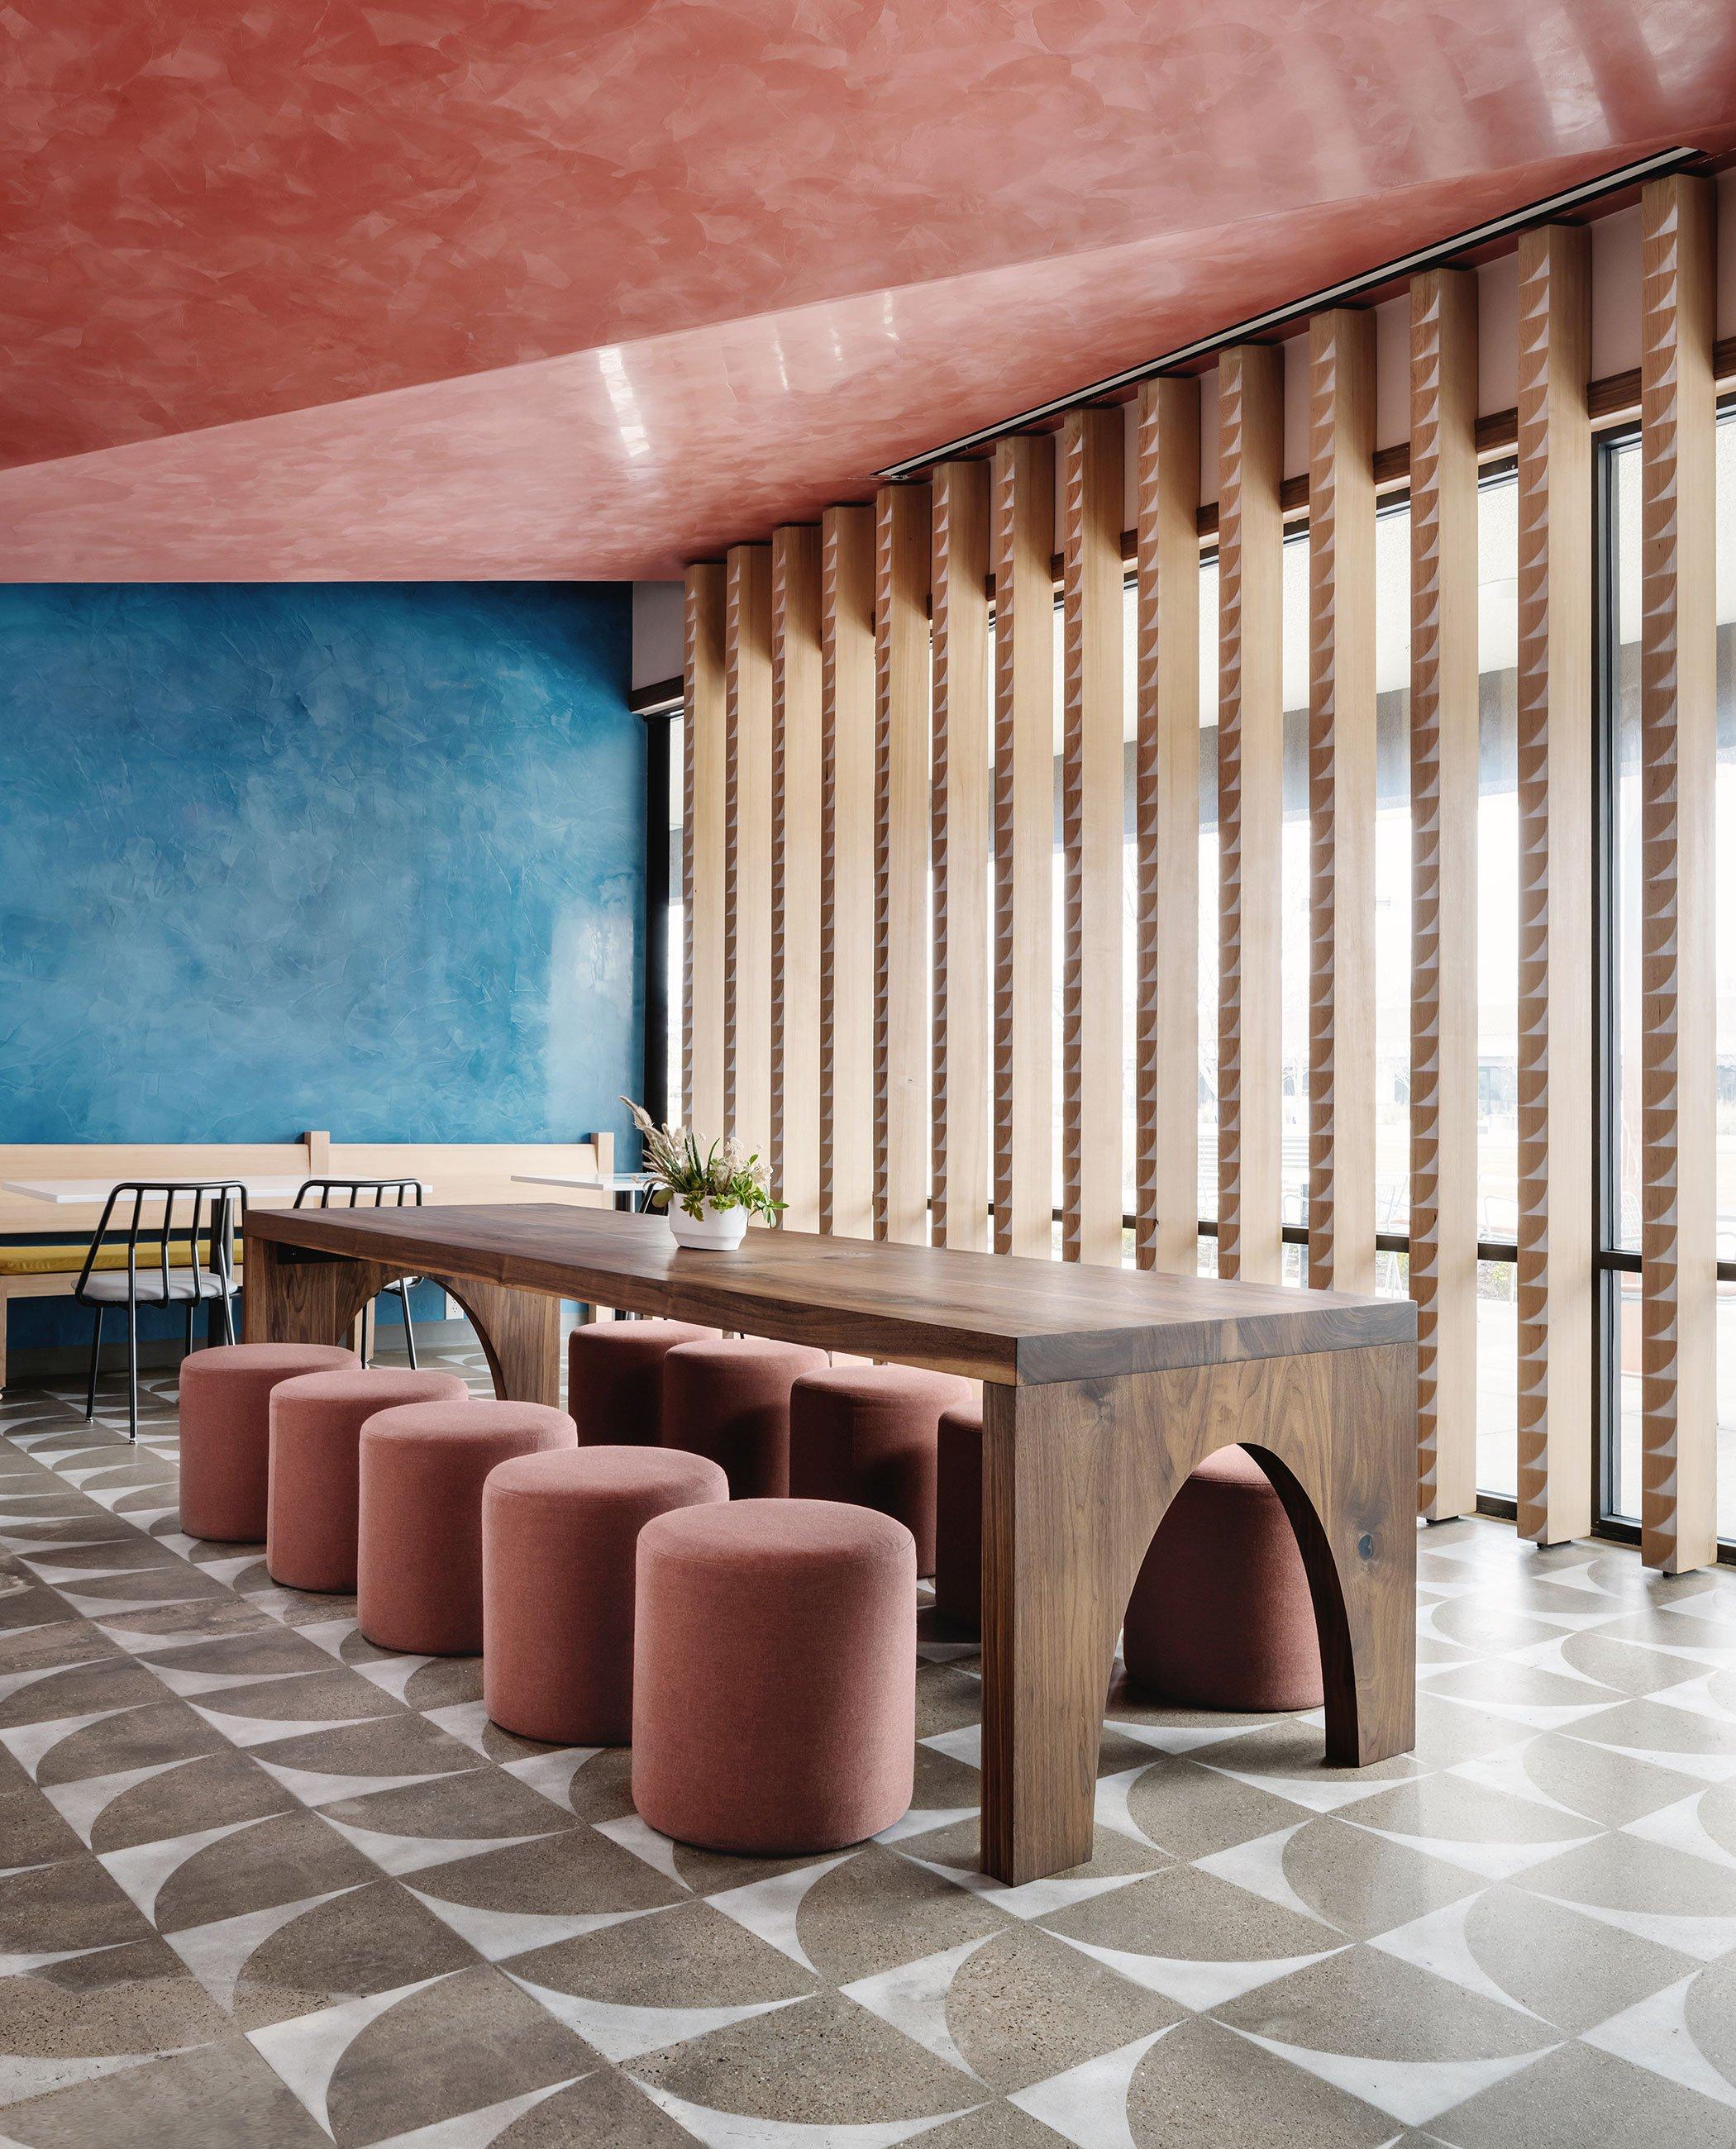 Restaurant_Design_Lada_Michael_HSU_Inspiration